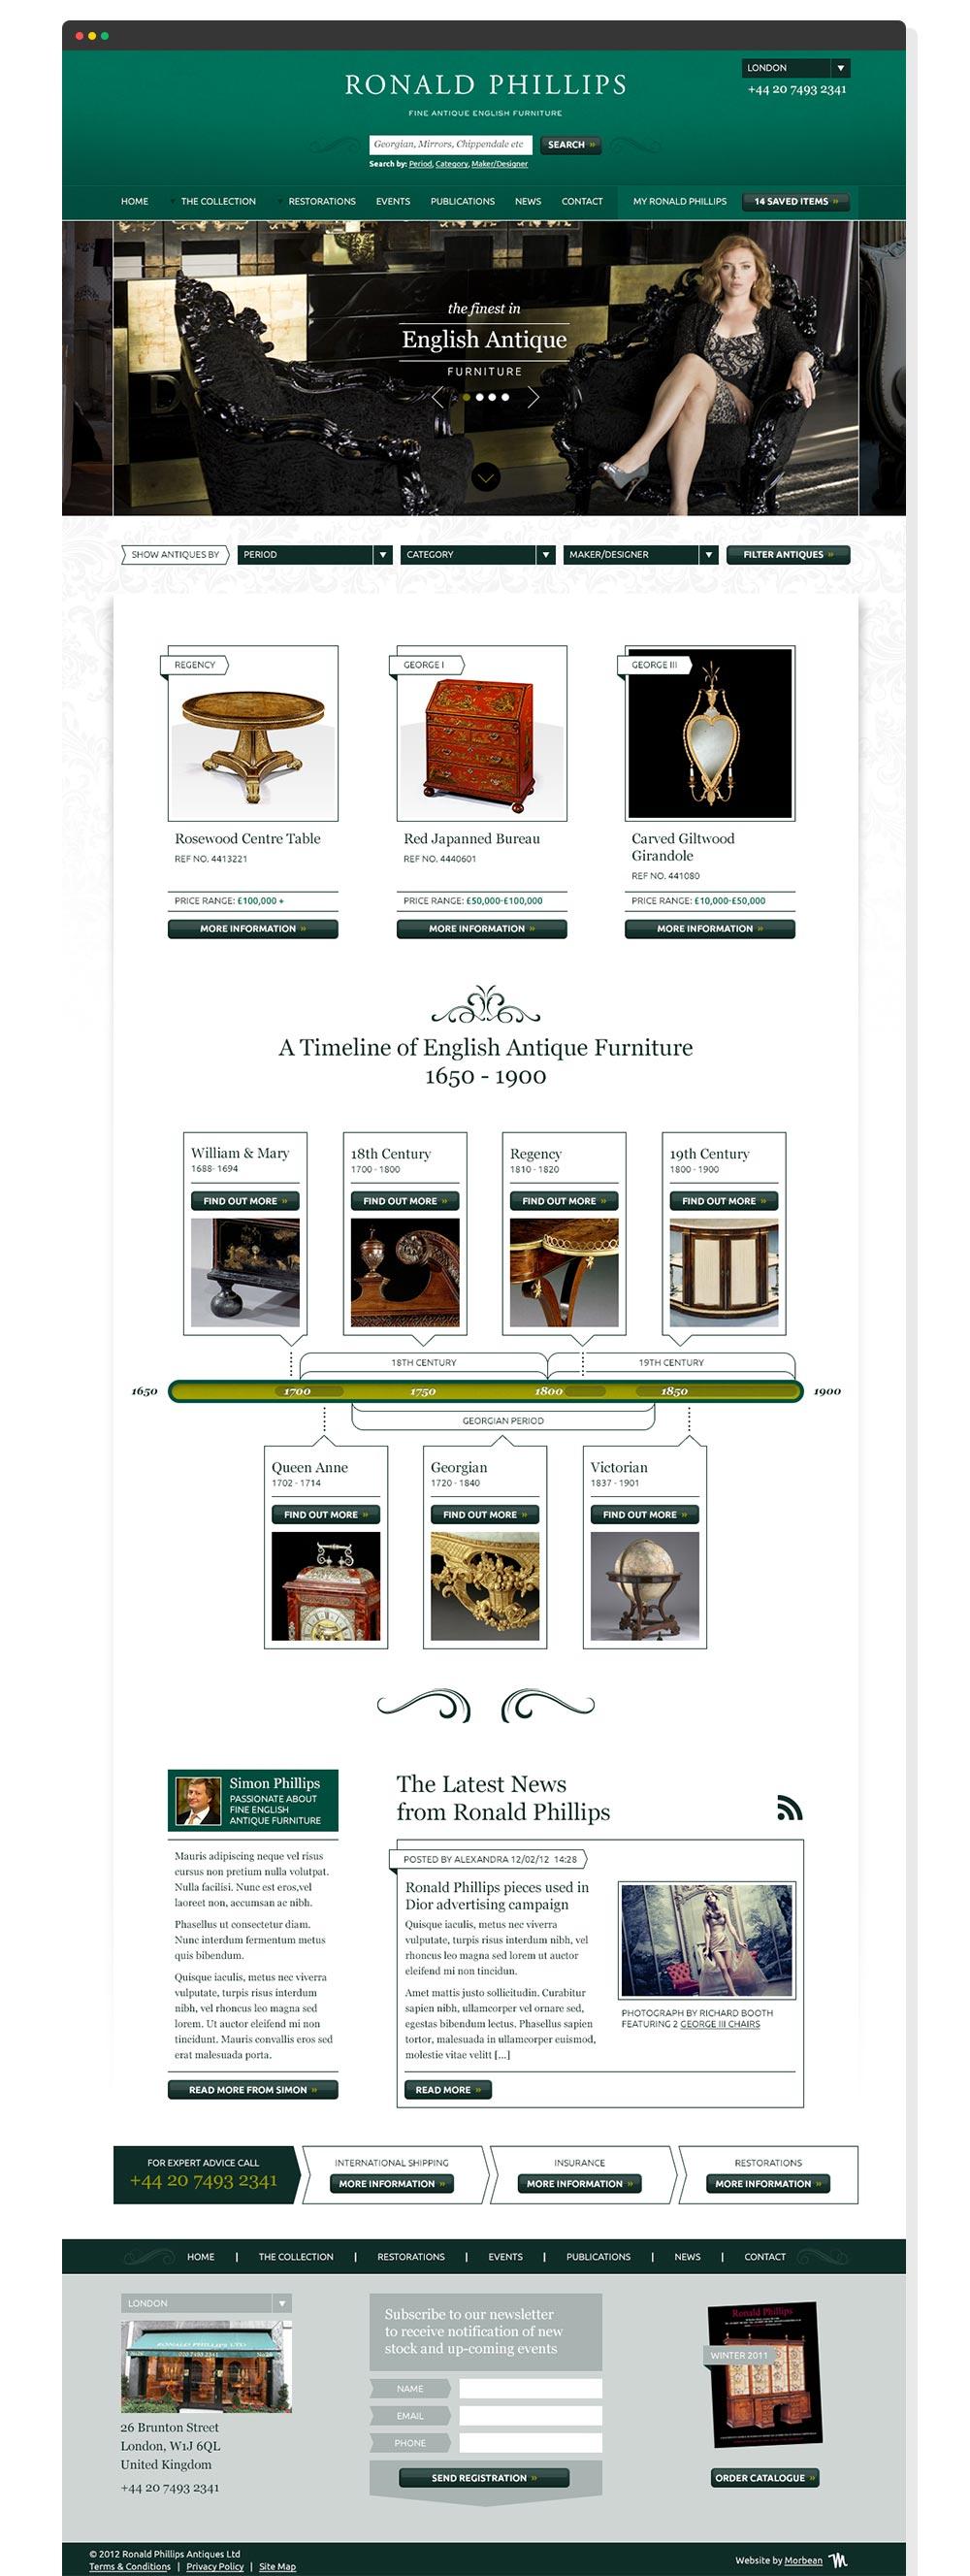 Ronald Phillips website design